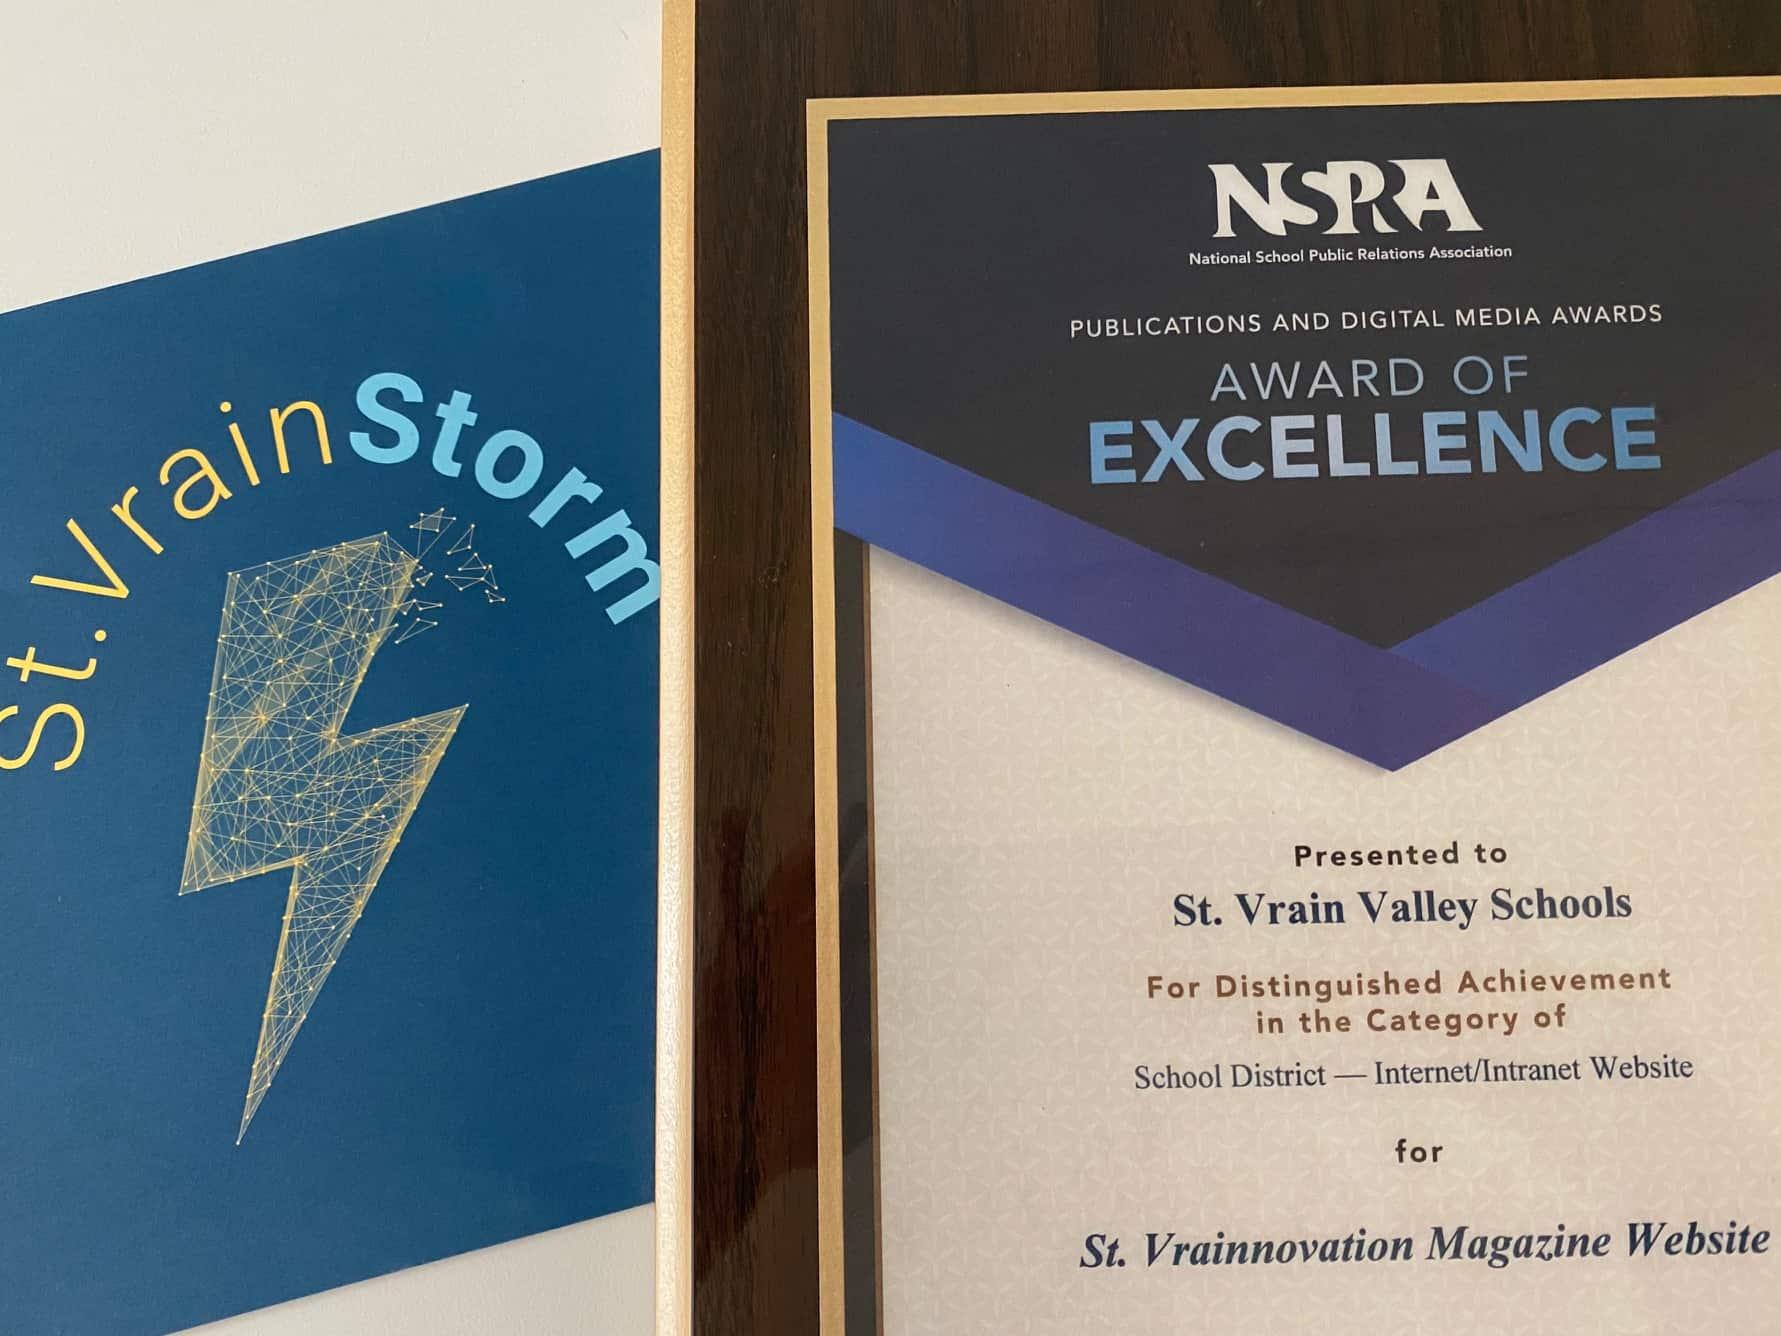 NSPRA Award next to a StVrainStorm sign